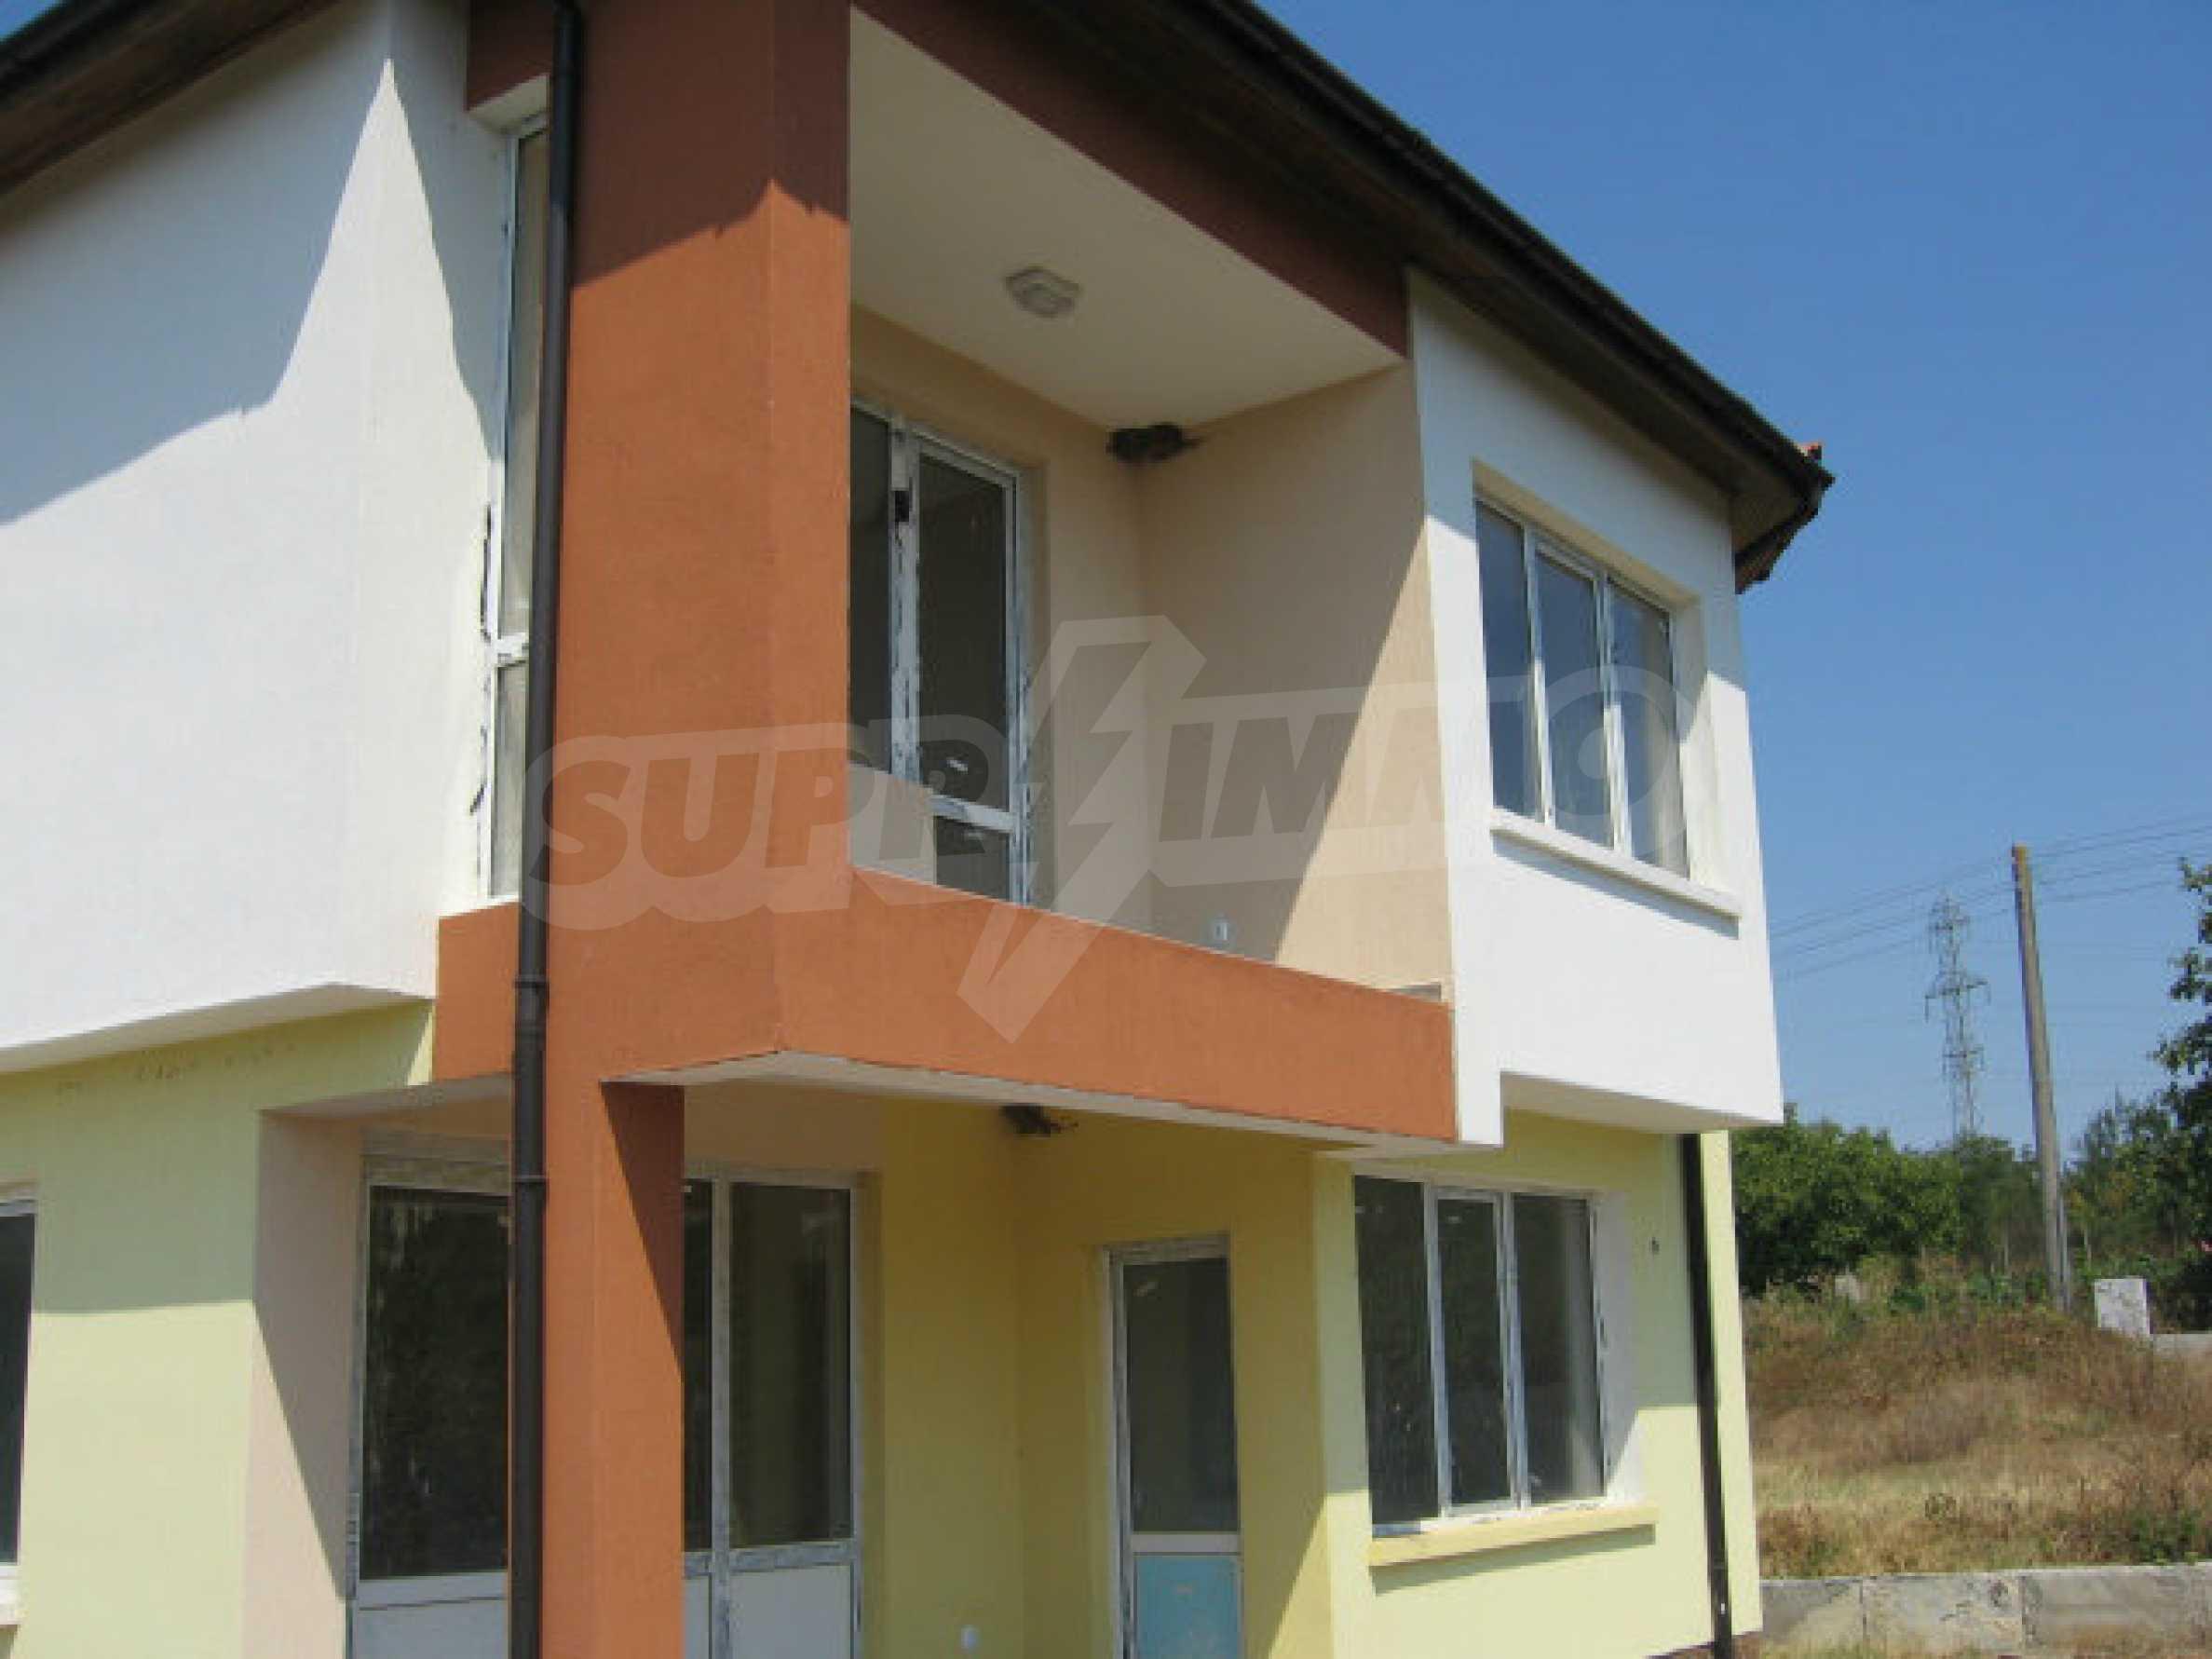 Schönes neues Haus mit schöner Aussicht auf Sakar in einem ruhigen Dorf in der Nähe von Topolovgrad 18